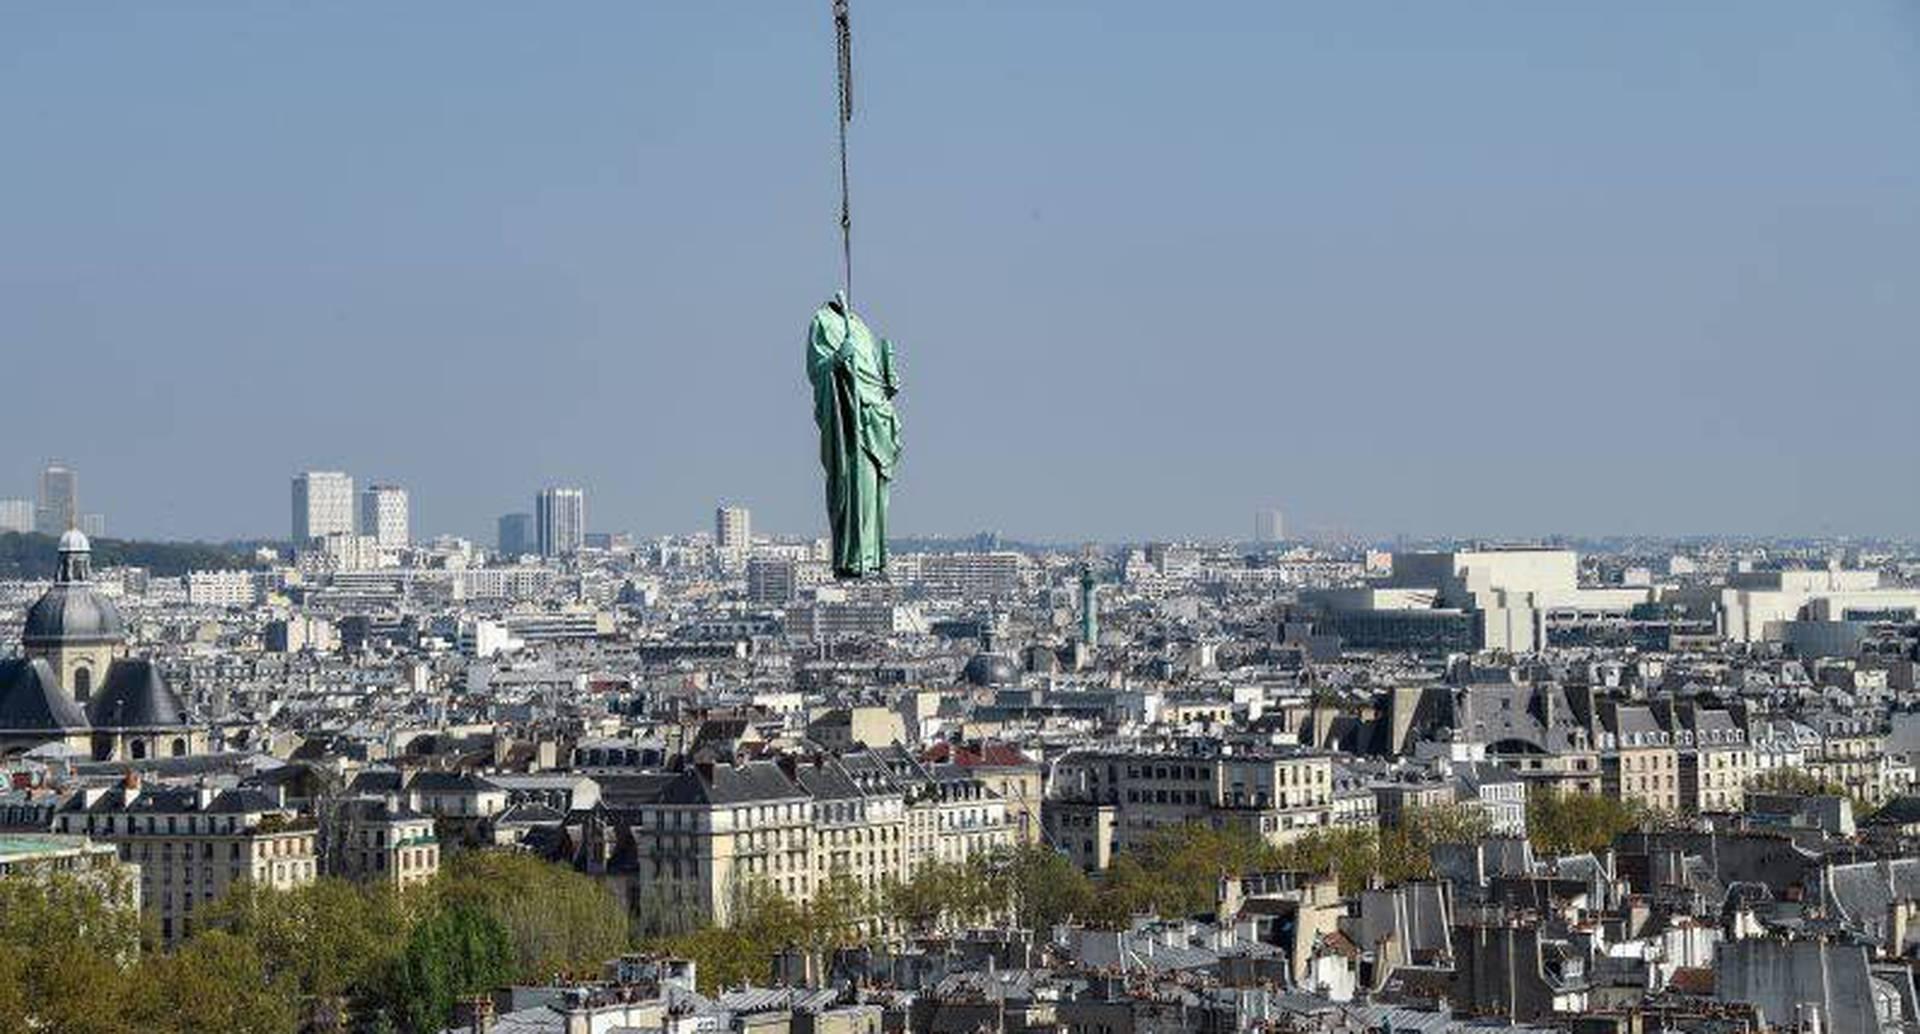 11 de abril - Una grúa levanta una estatua de cobre frente a la catedral de Notre-Dame-de-Paris. Esta junto a otras 15 estátuas serán transladadas a Perigueux, en el suroeste de Francia, para su restauración. FOTO: BERTRAND GUAY / AFP